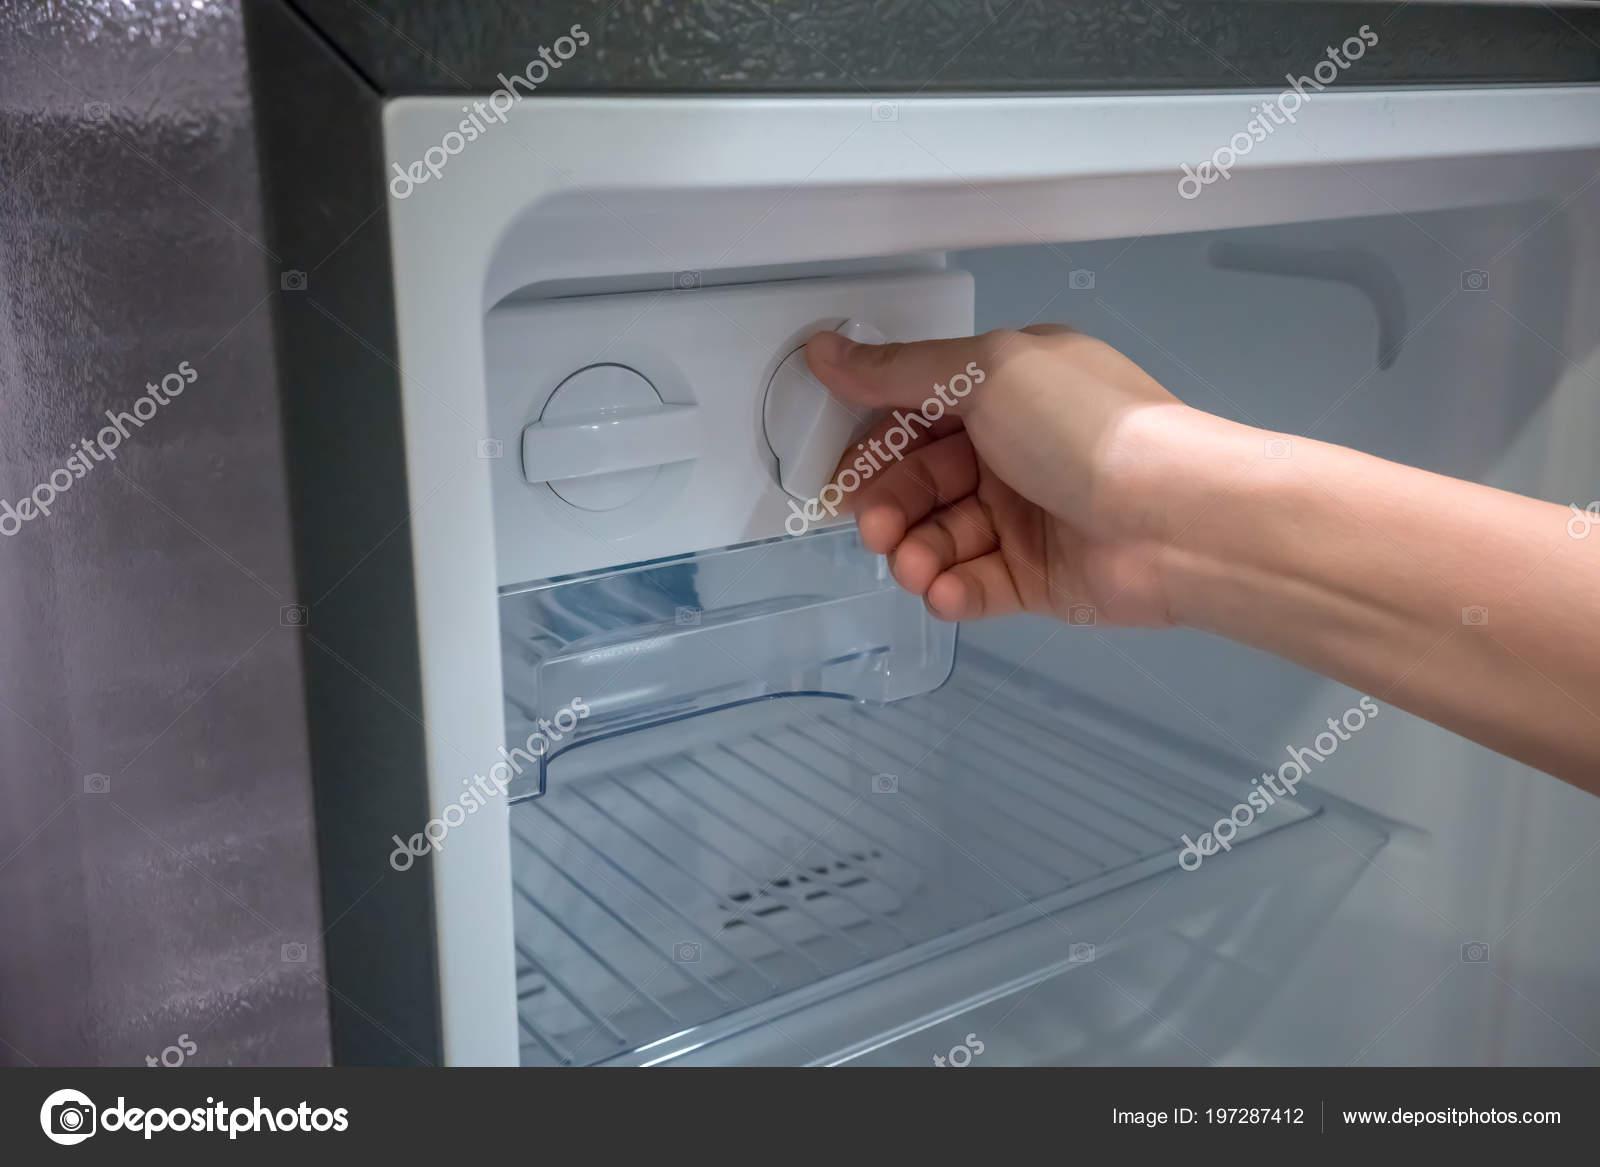 Frau Hand Verdrehen Fur Eis Aus Der Eismaschine Neuen Kuhlschrank